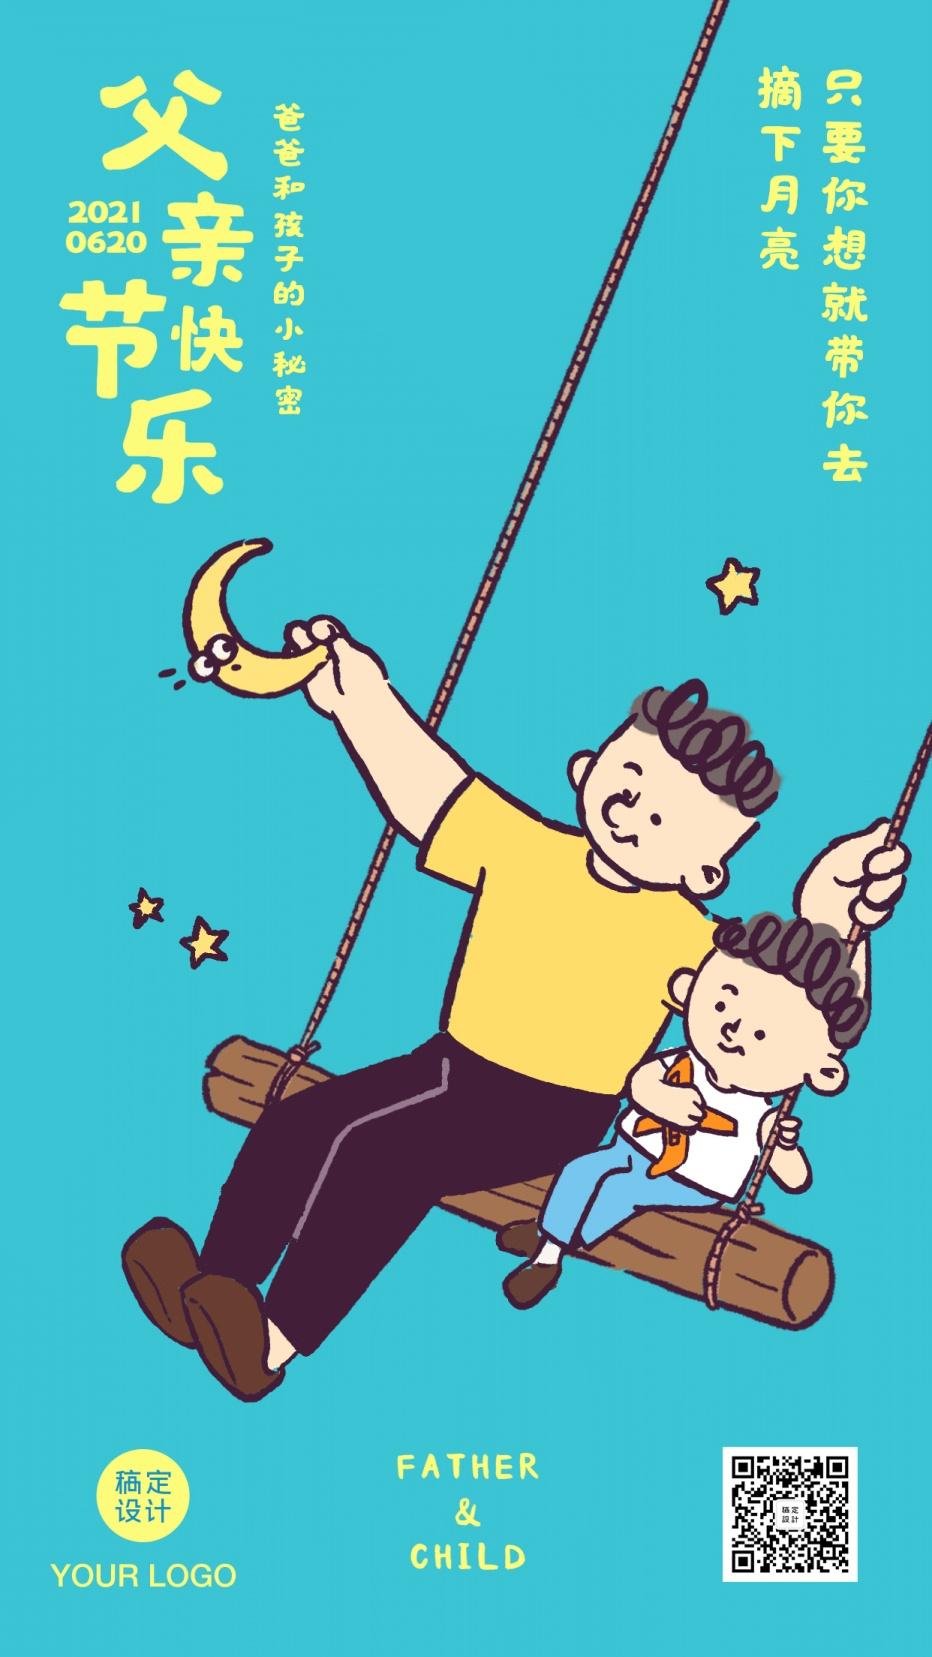 父亲节快乐亲子互动套系手机海报